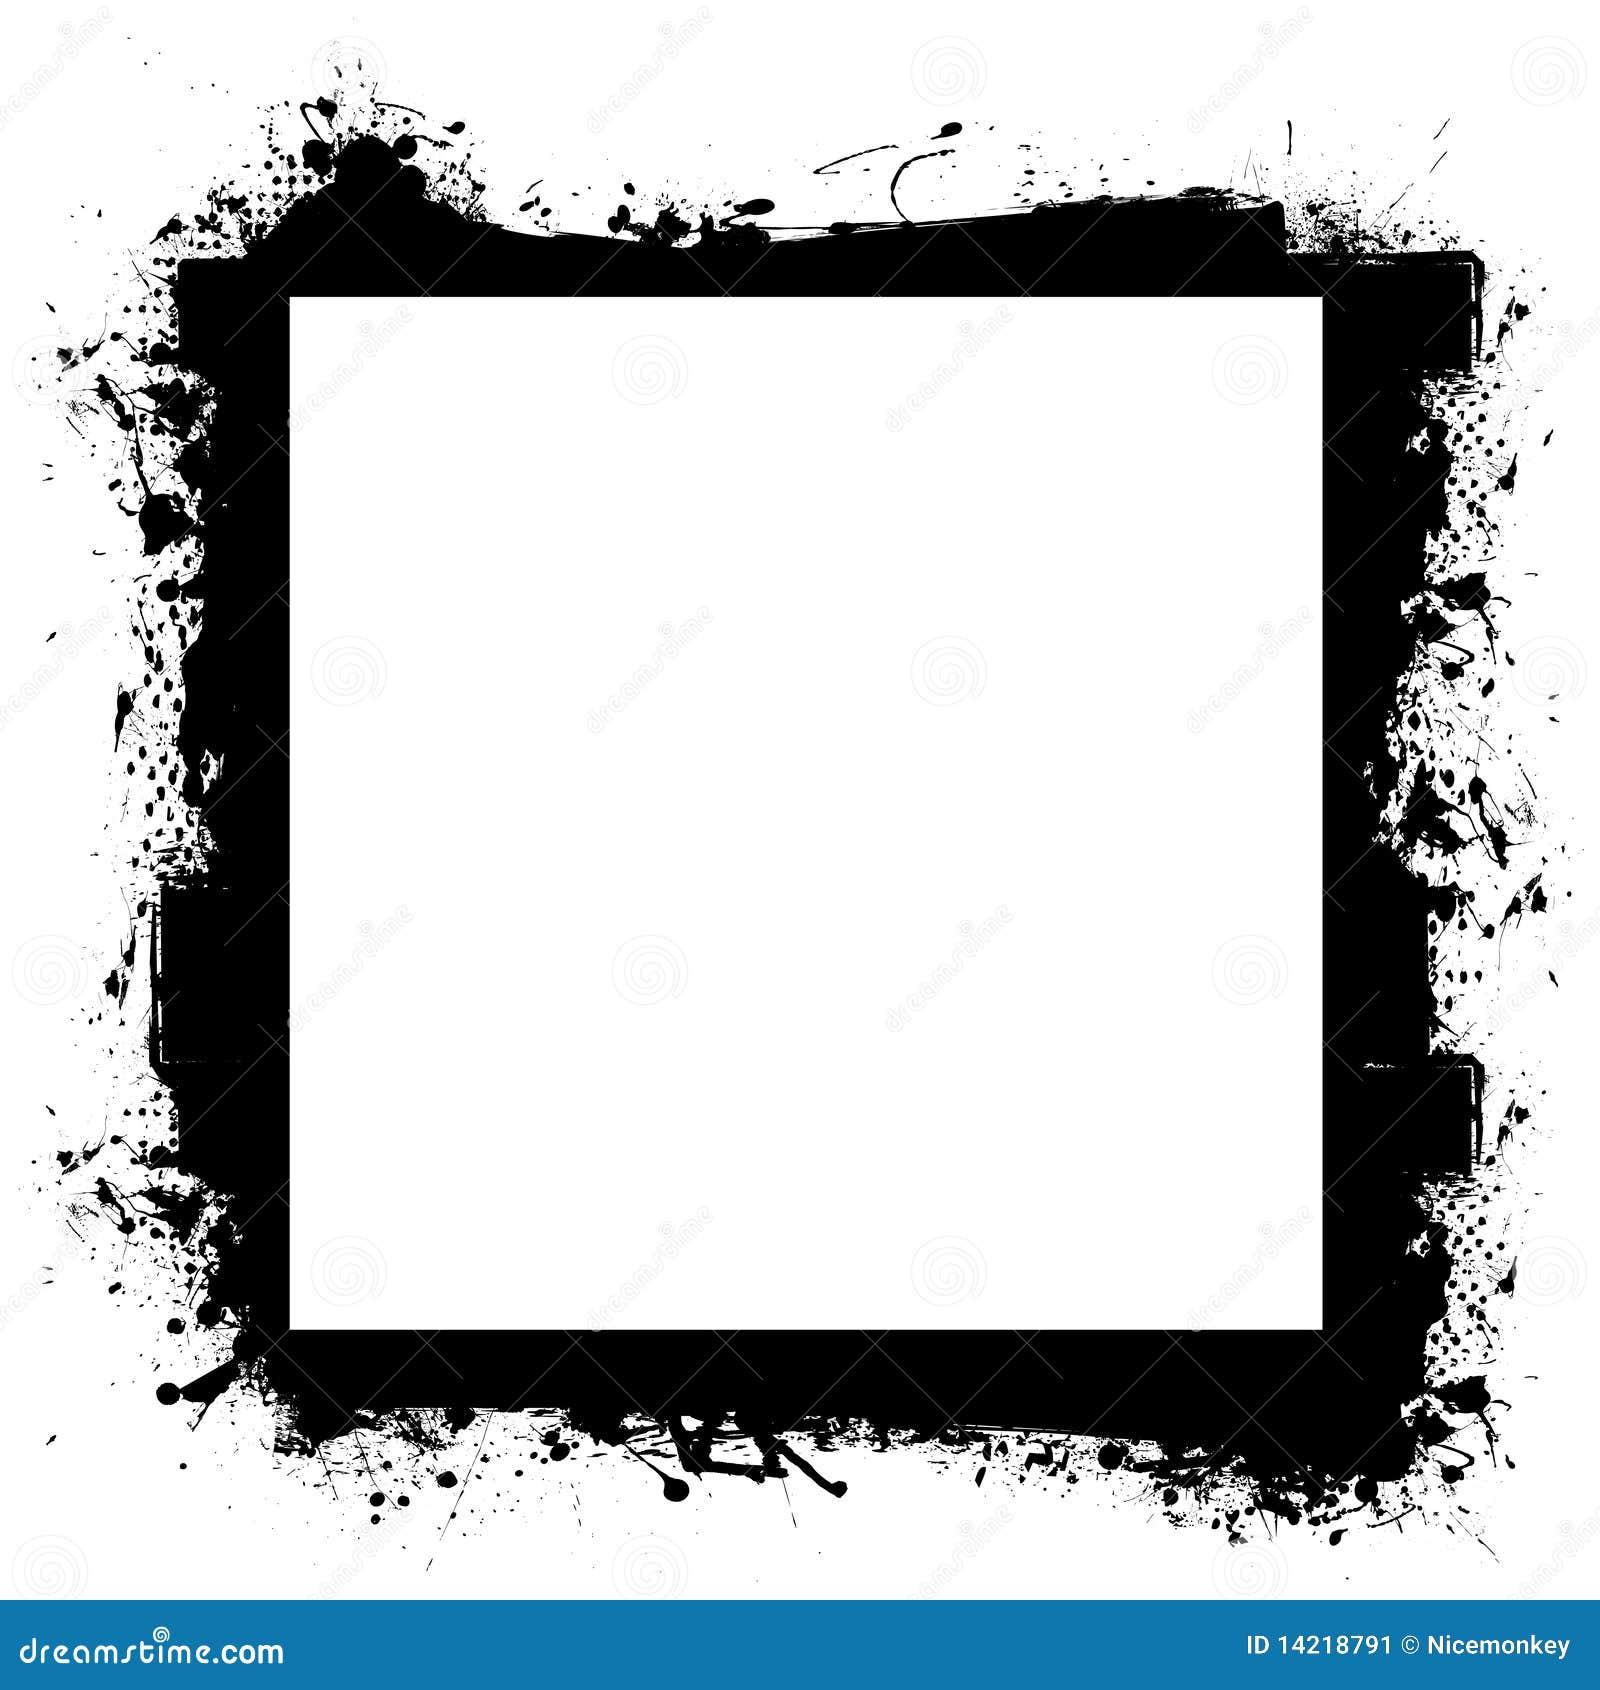 v8 engine silhouette v8 free engine image for user manual download. Black Bedroom Furniture Sets. Home Design Ideas